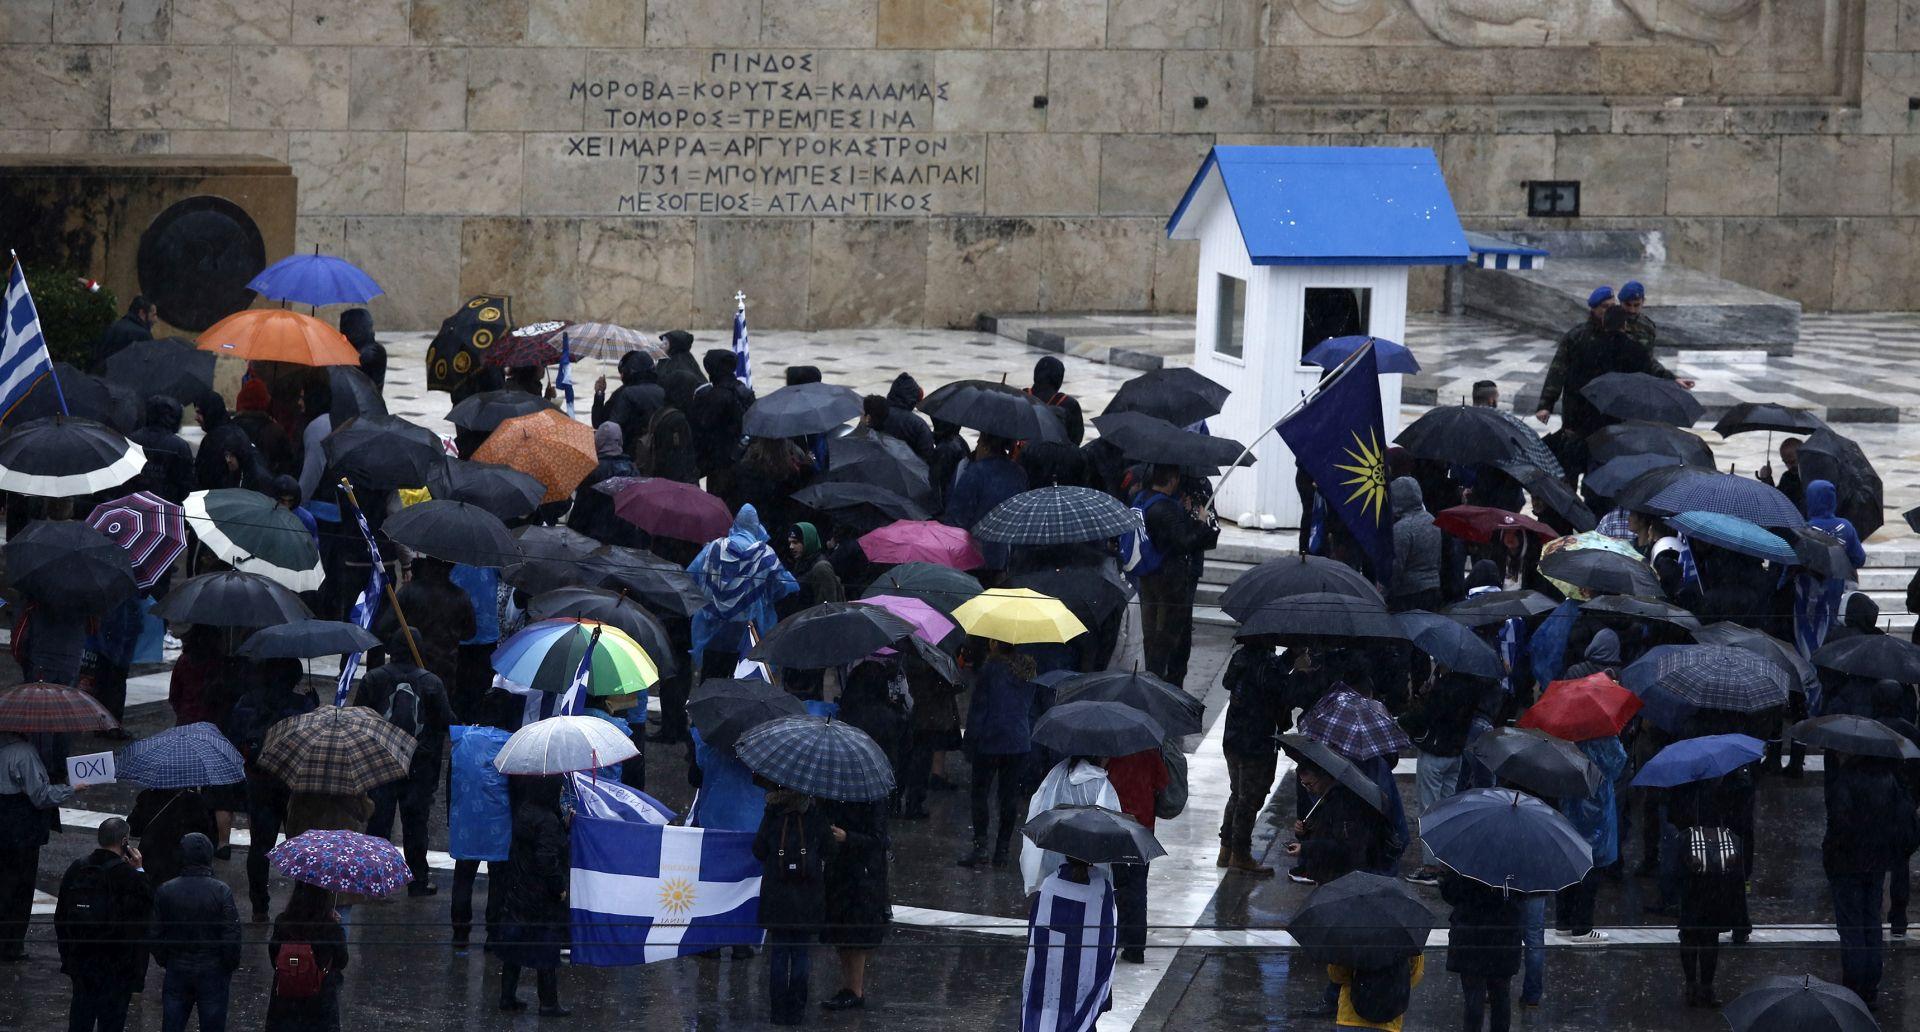 Grčki parlament dao zeleno svjetlo za novo ime Makedonije